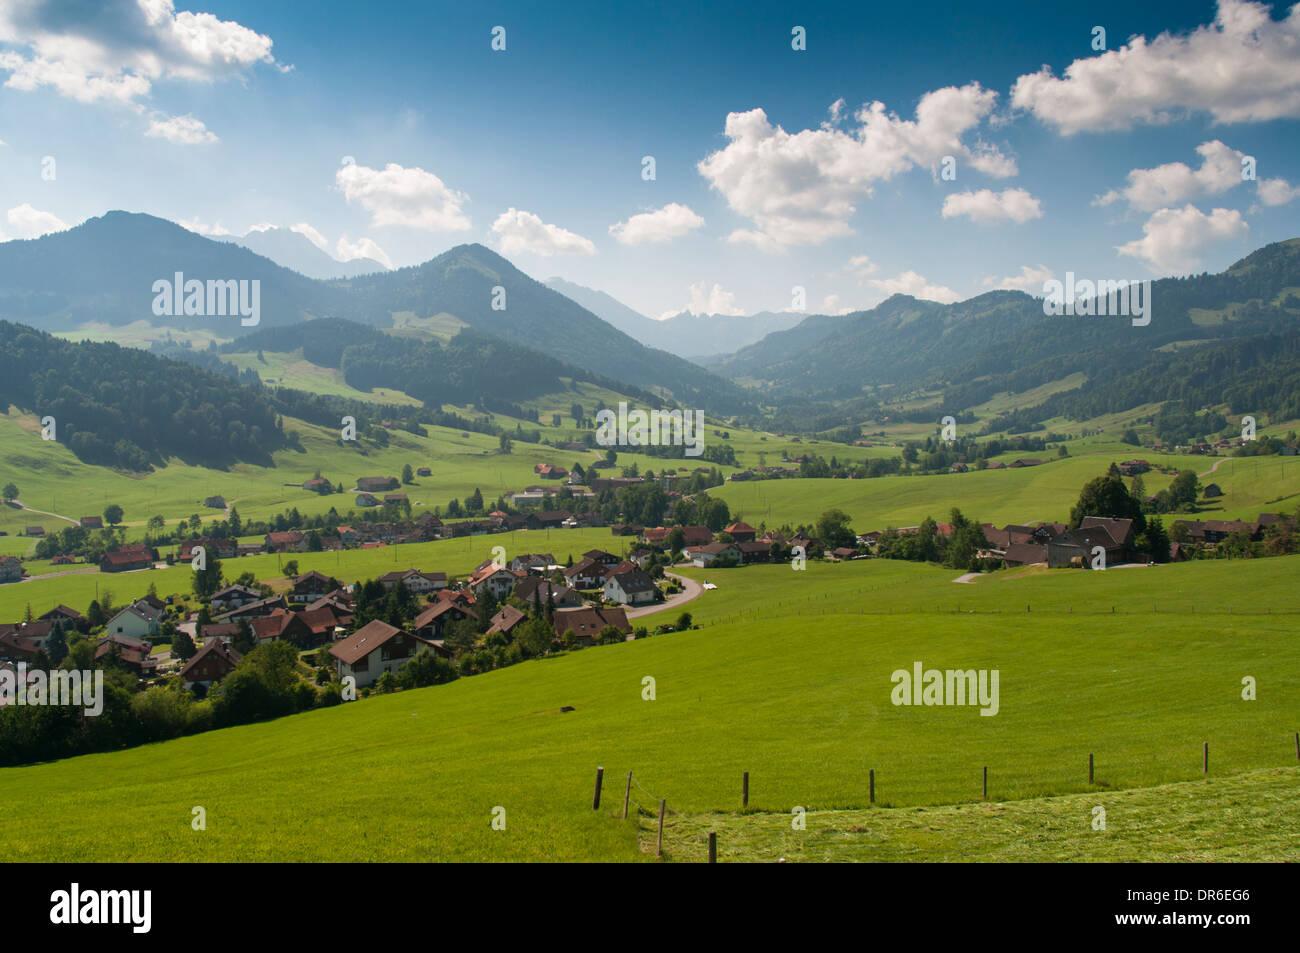 Blick über das Tal in der Nähe von Urnäsch in Richtung der Säntis Bergkette im Appenzeller Land in den Schweizer Alpen Stockbild